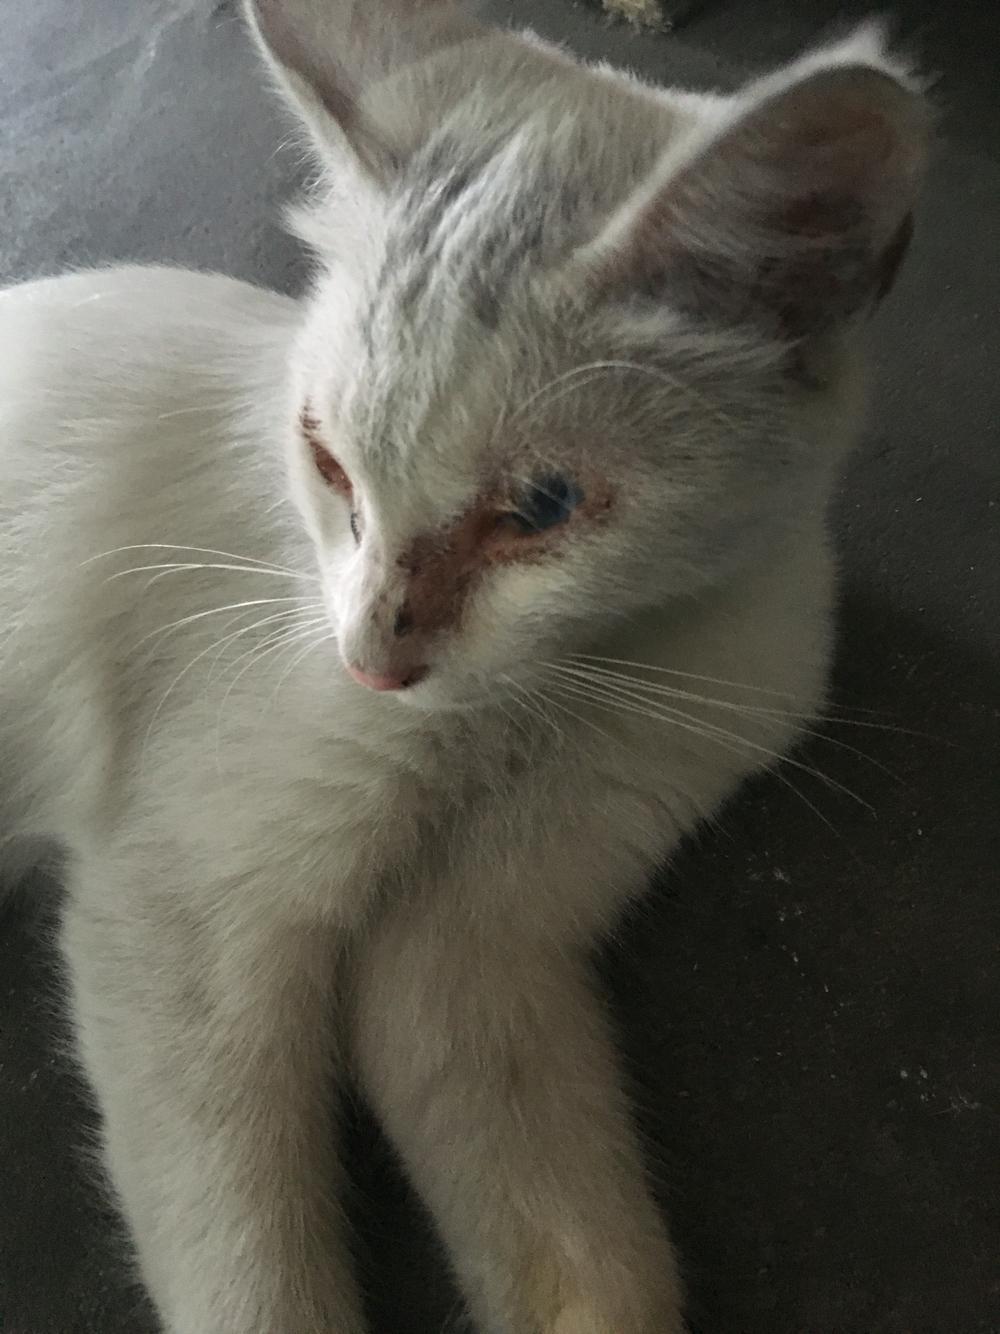 猫咪眼睛周围皮肤